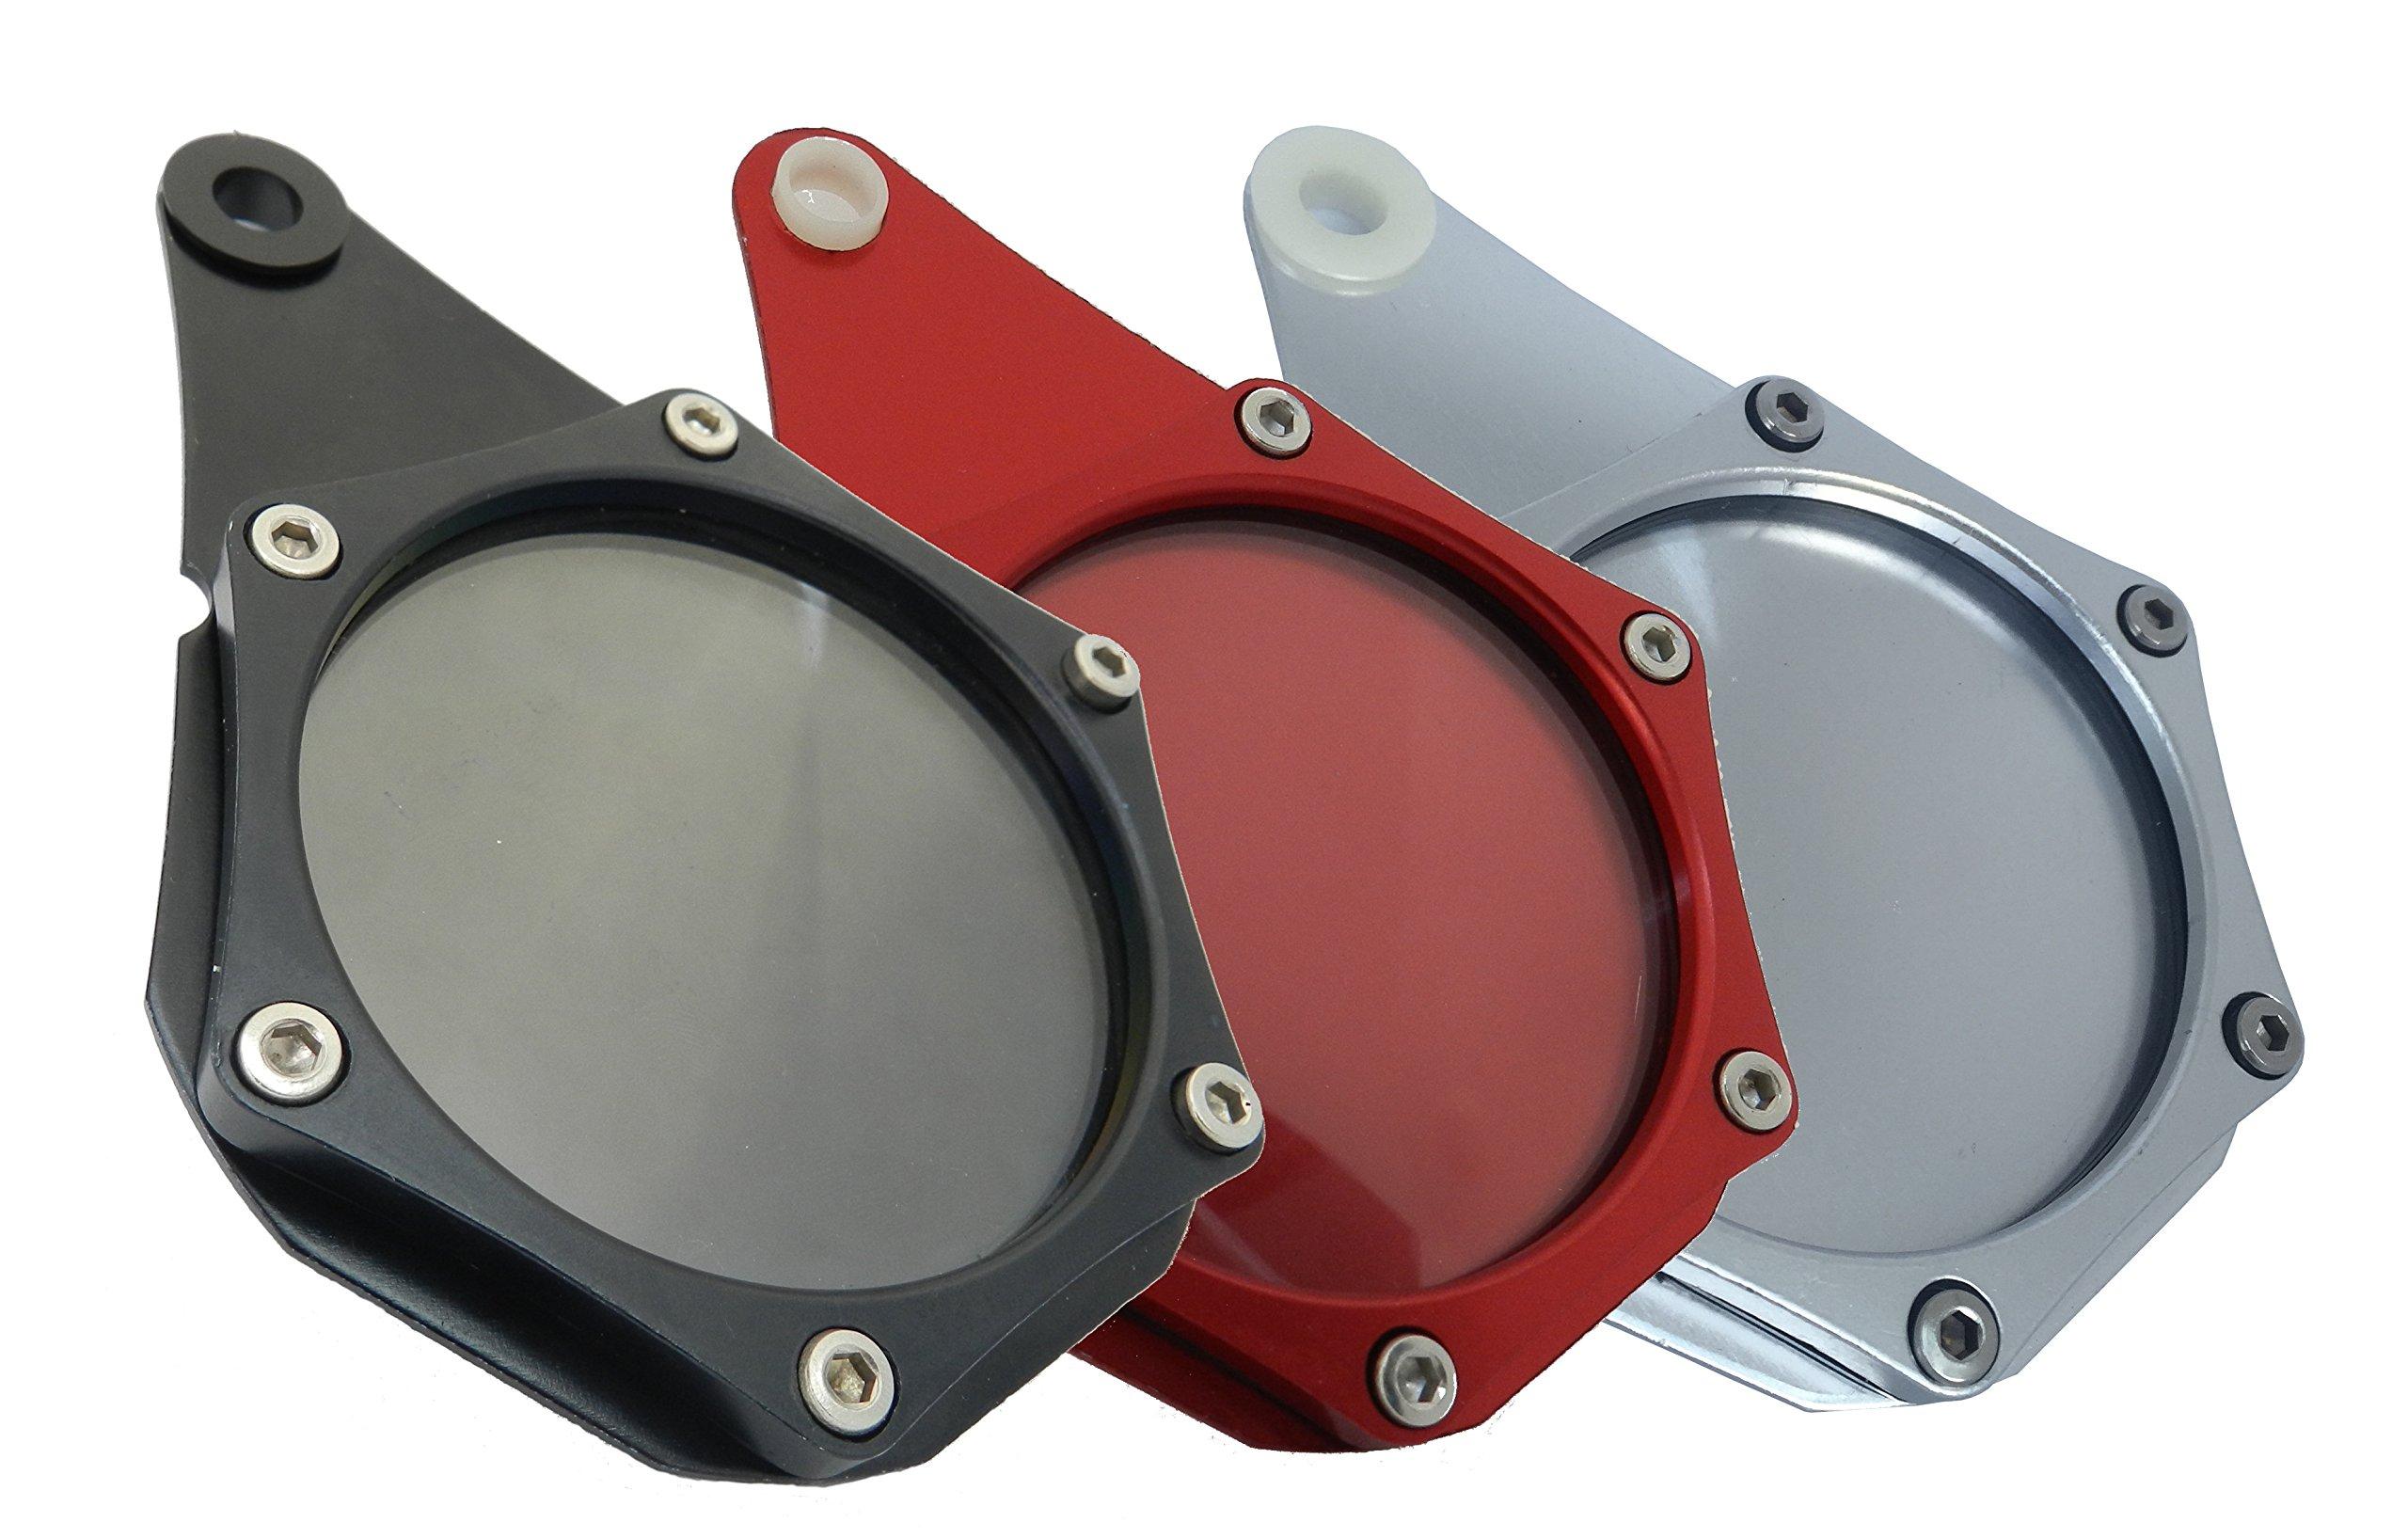 HopIn! Porte-Vignette Assurance ou Crit'Air Aluminium Noir étanche Moto/Scooter/Quad product image